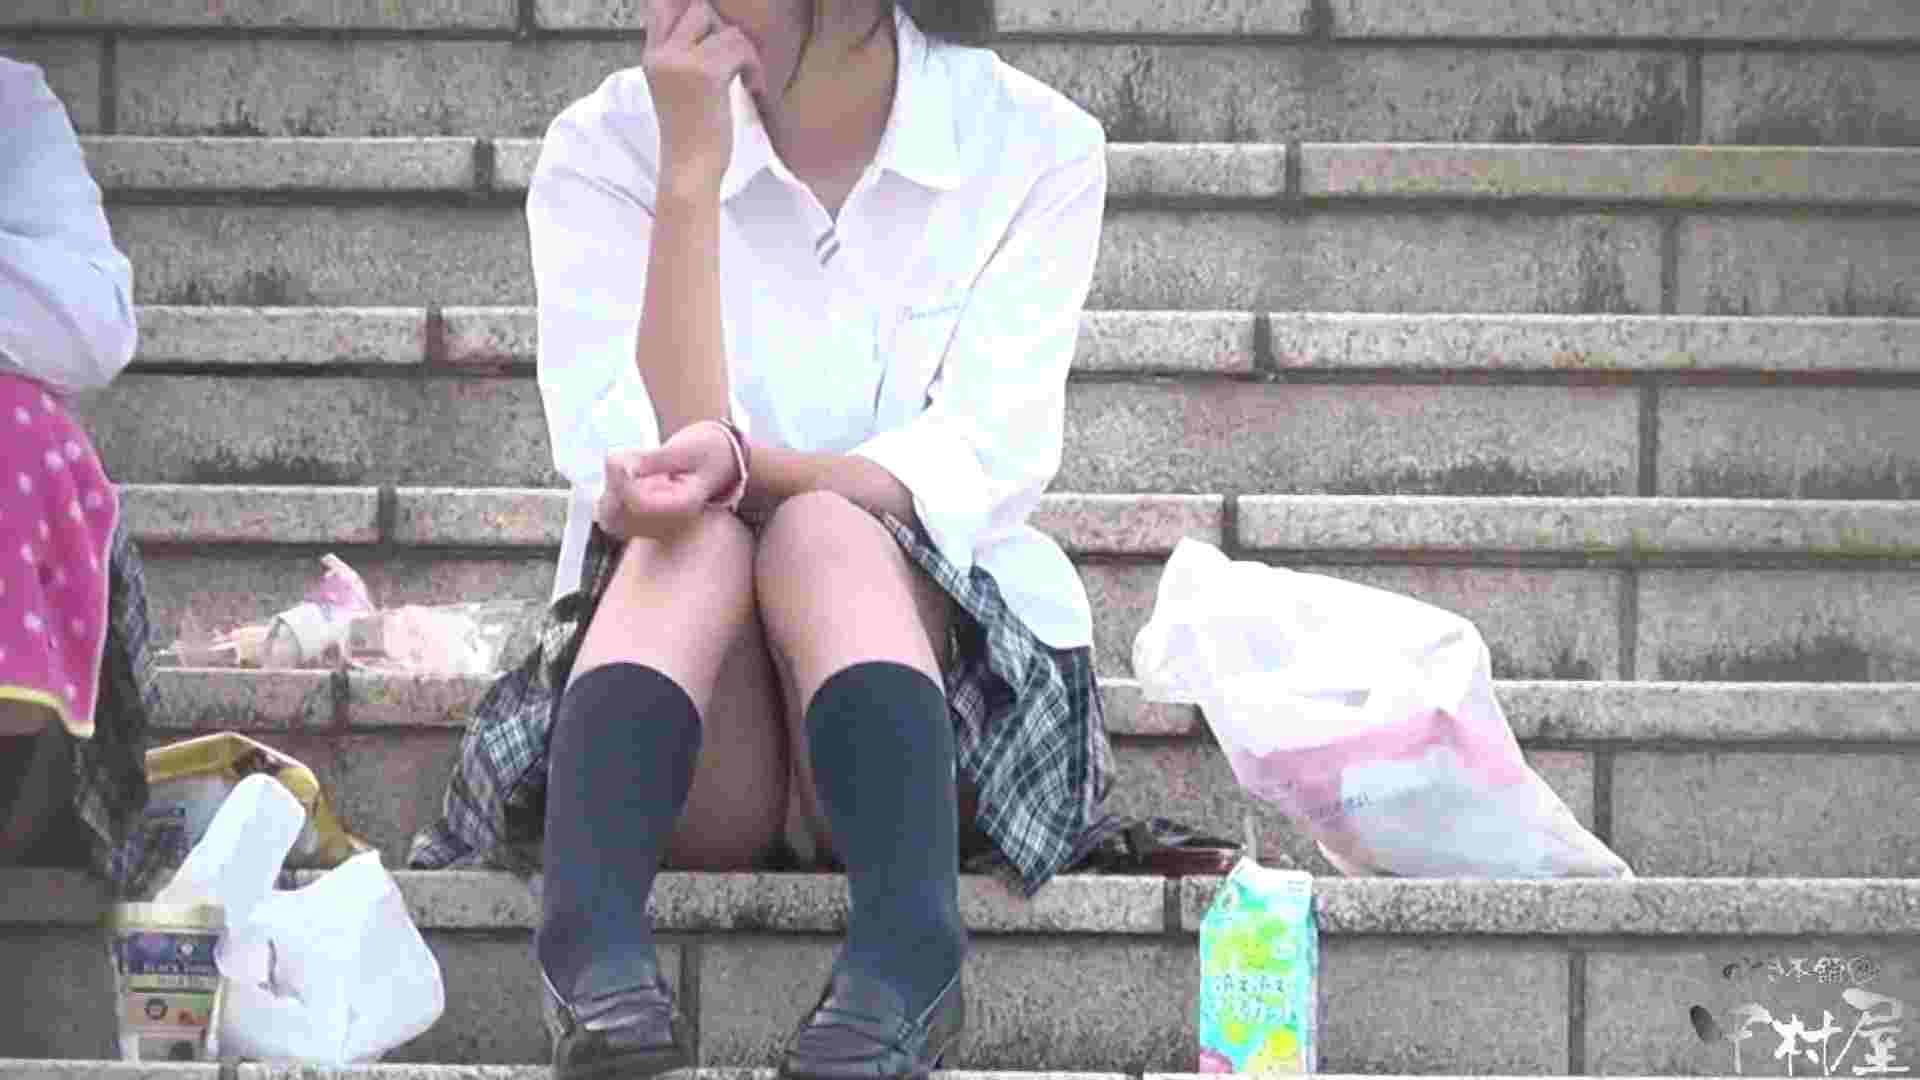 ドキドキ❤新入生パンチラ歓迎会vol.22 盗撮シリーズ すけべAV動画紹介 77PIX 70